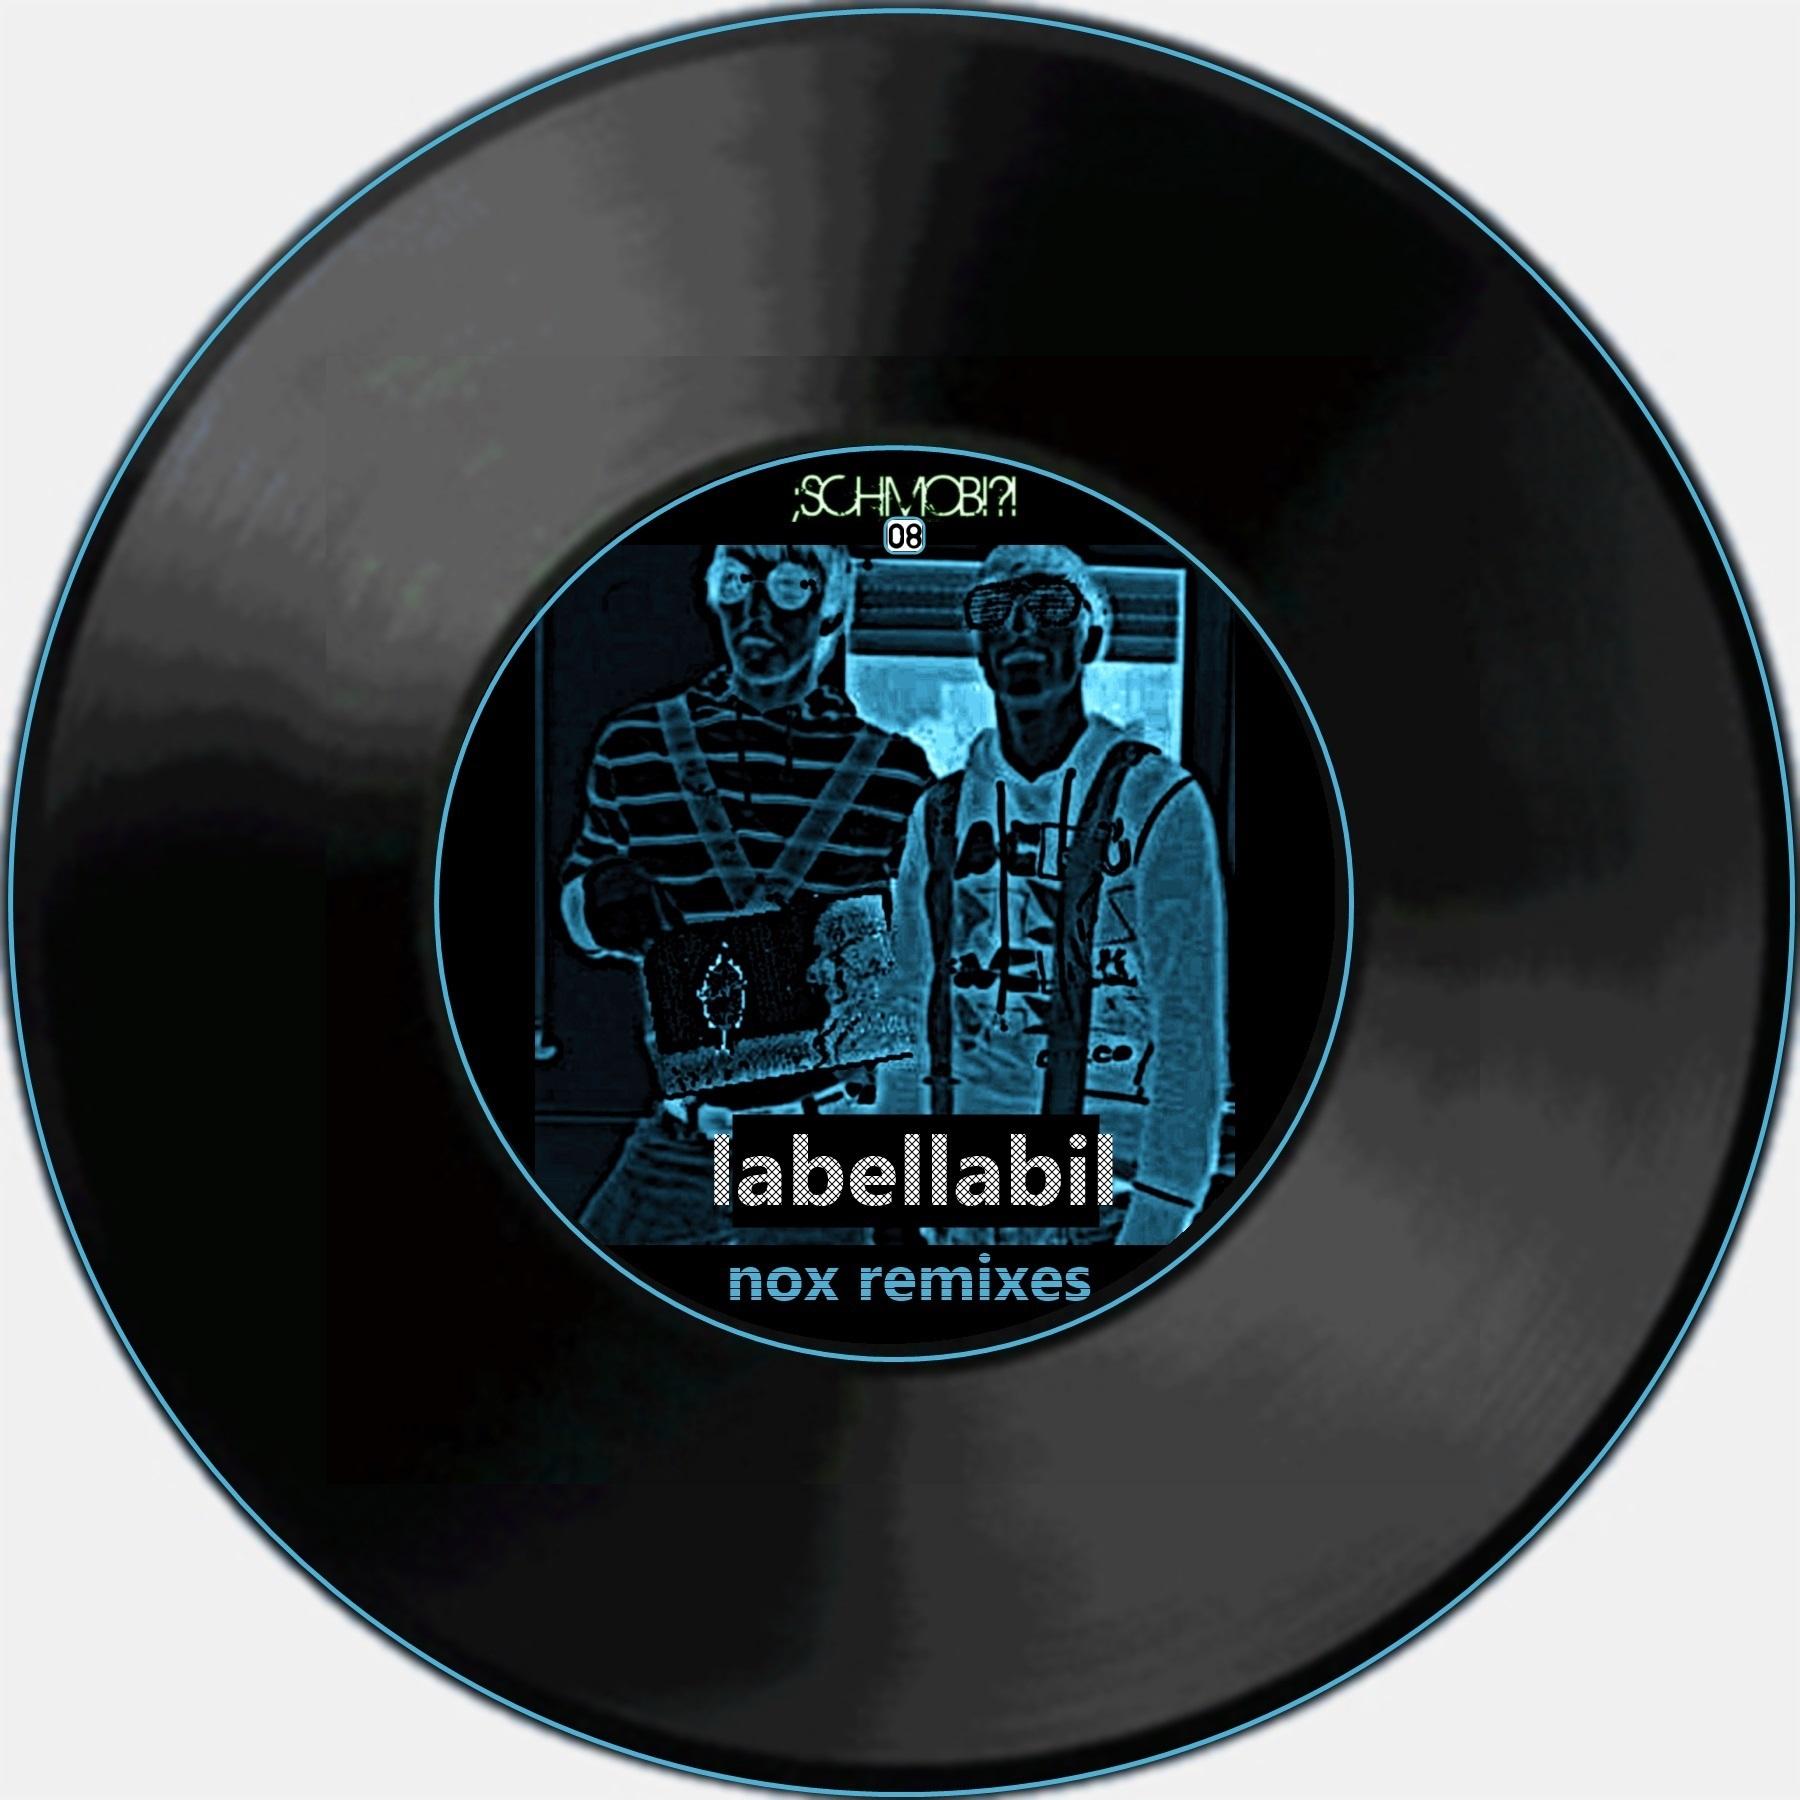 labellabil - nox remixes